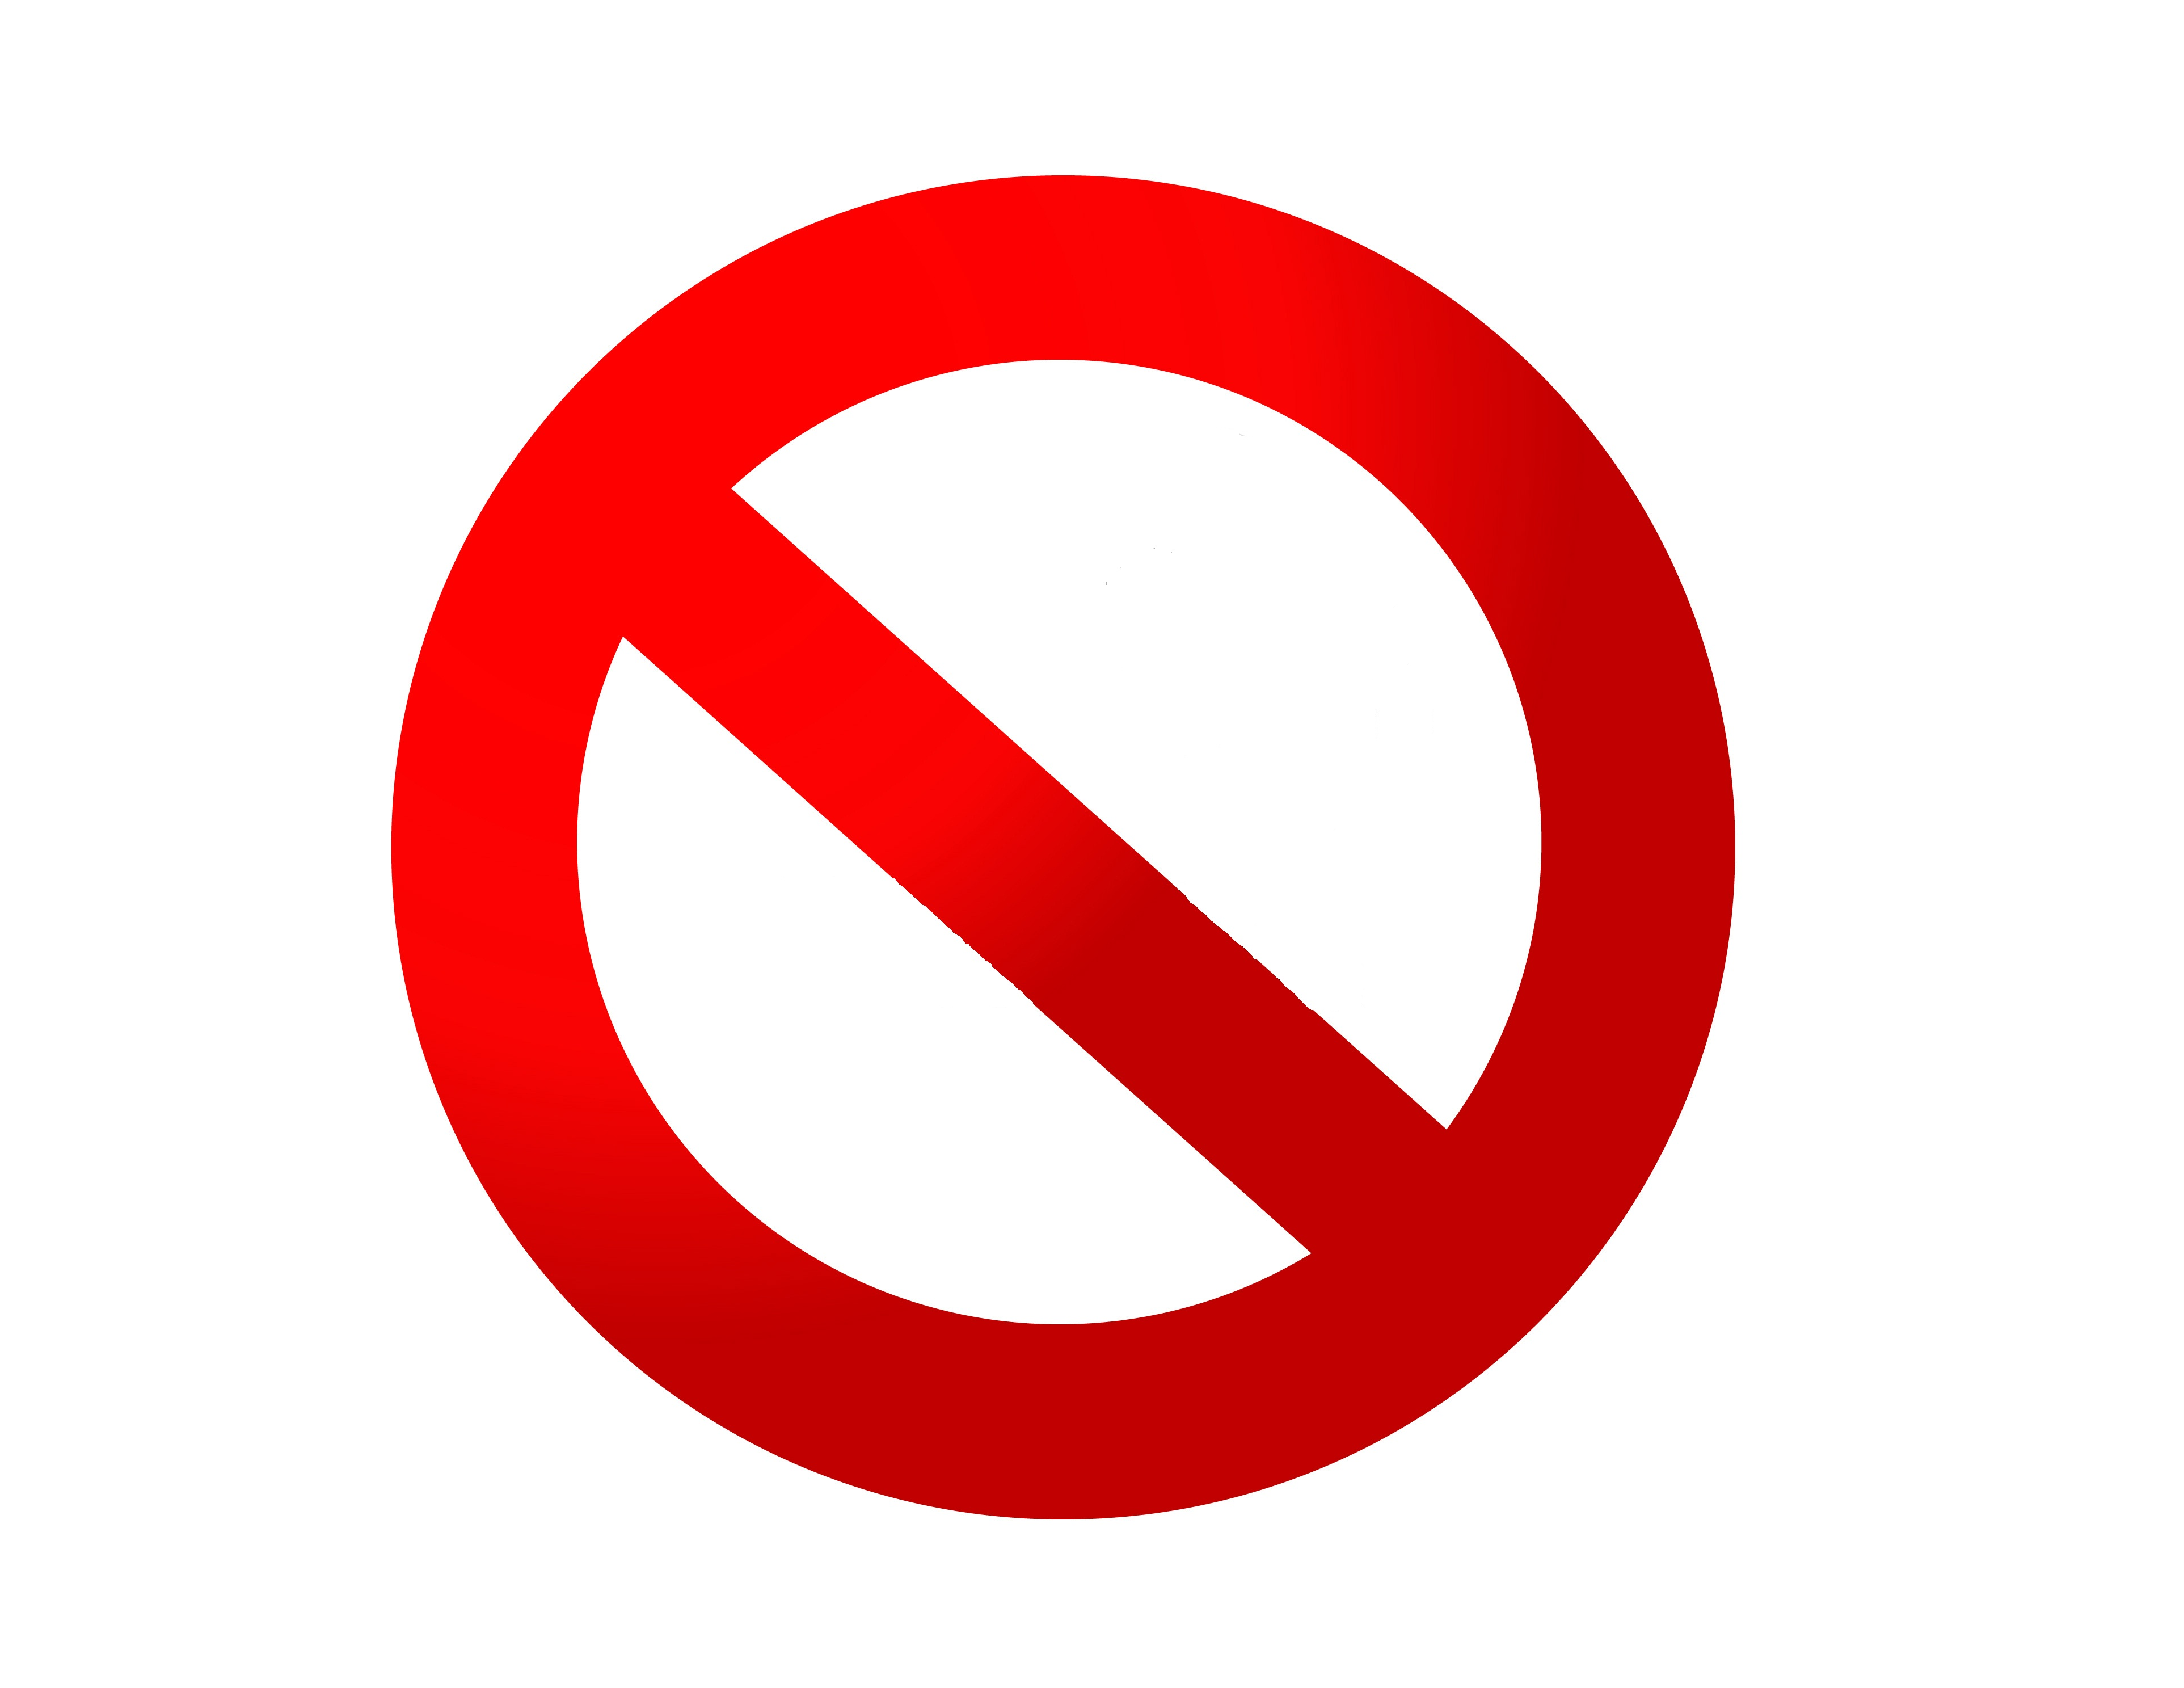 Red no signRed No Sign